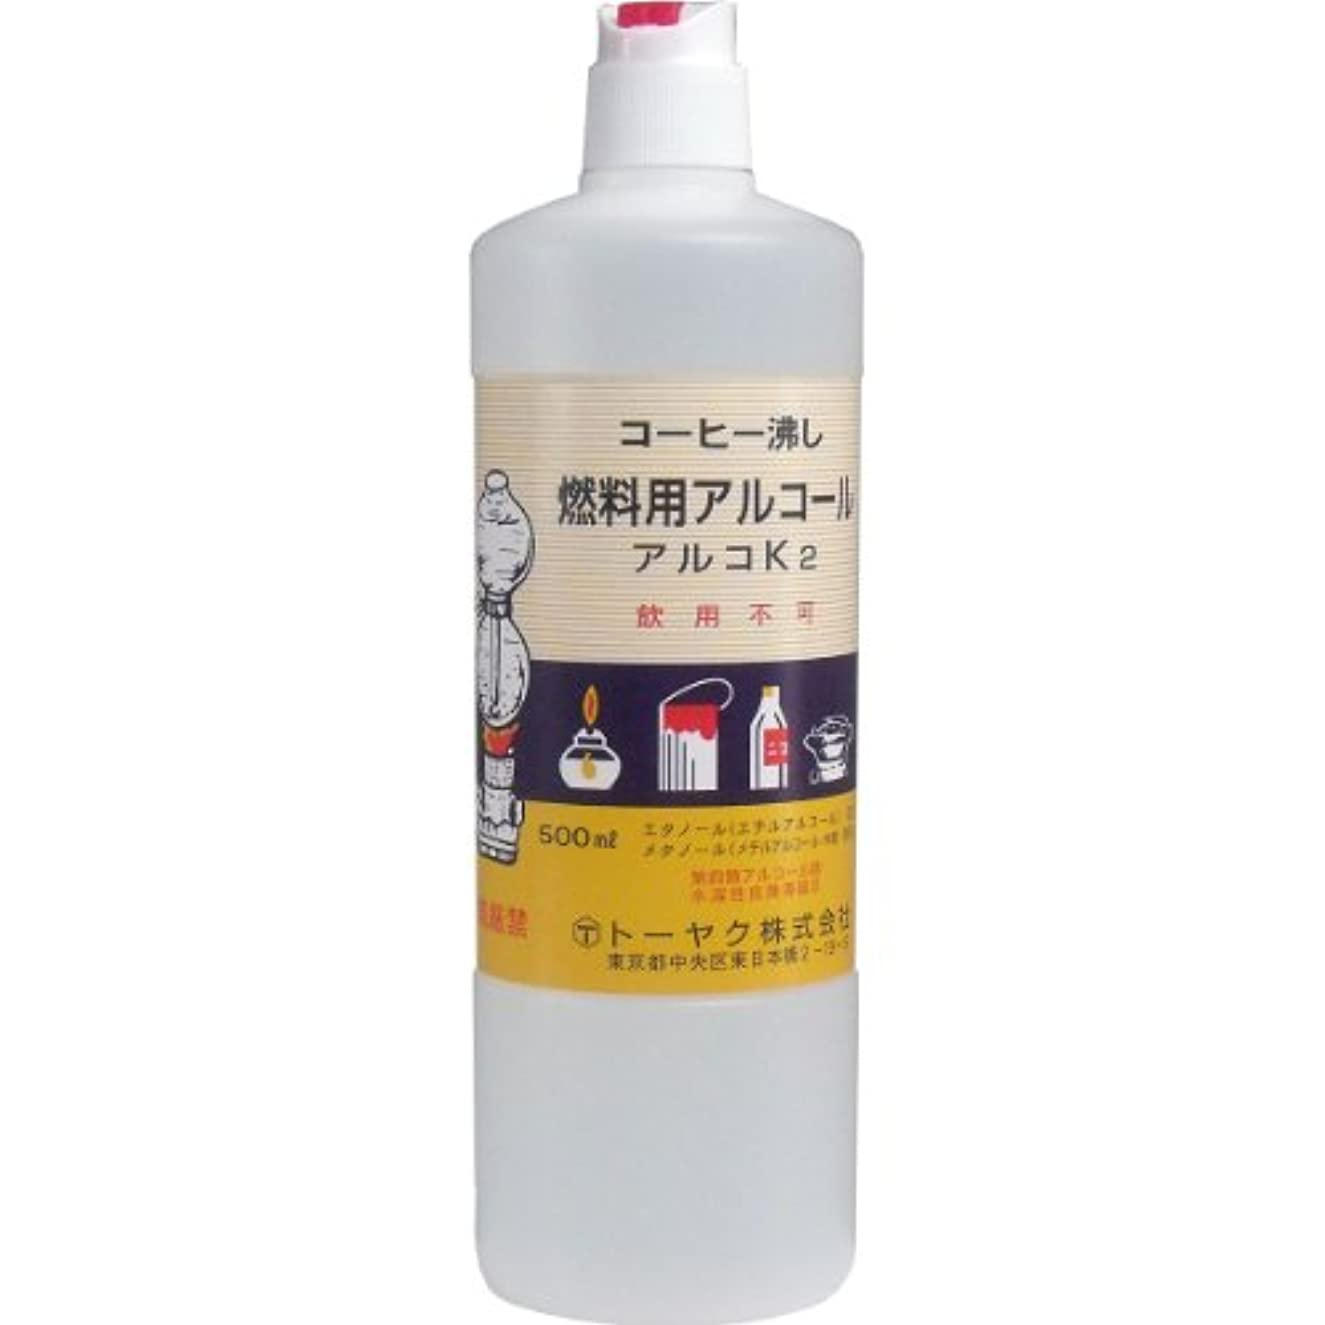 記念品質素な流燃料用アルコール アルコK2 ×3個セット